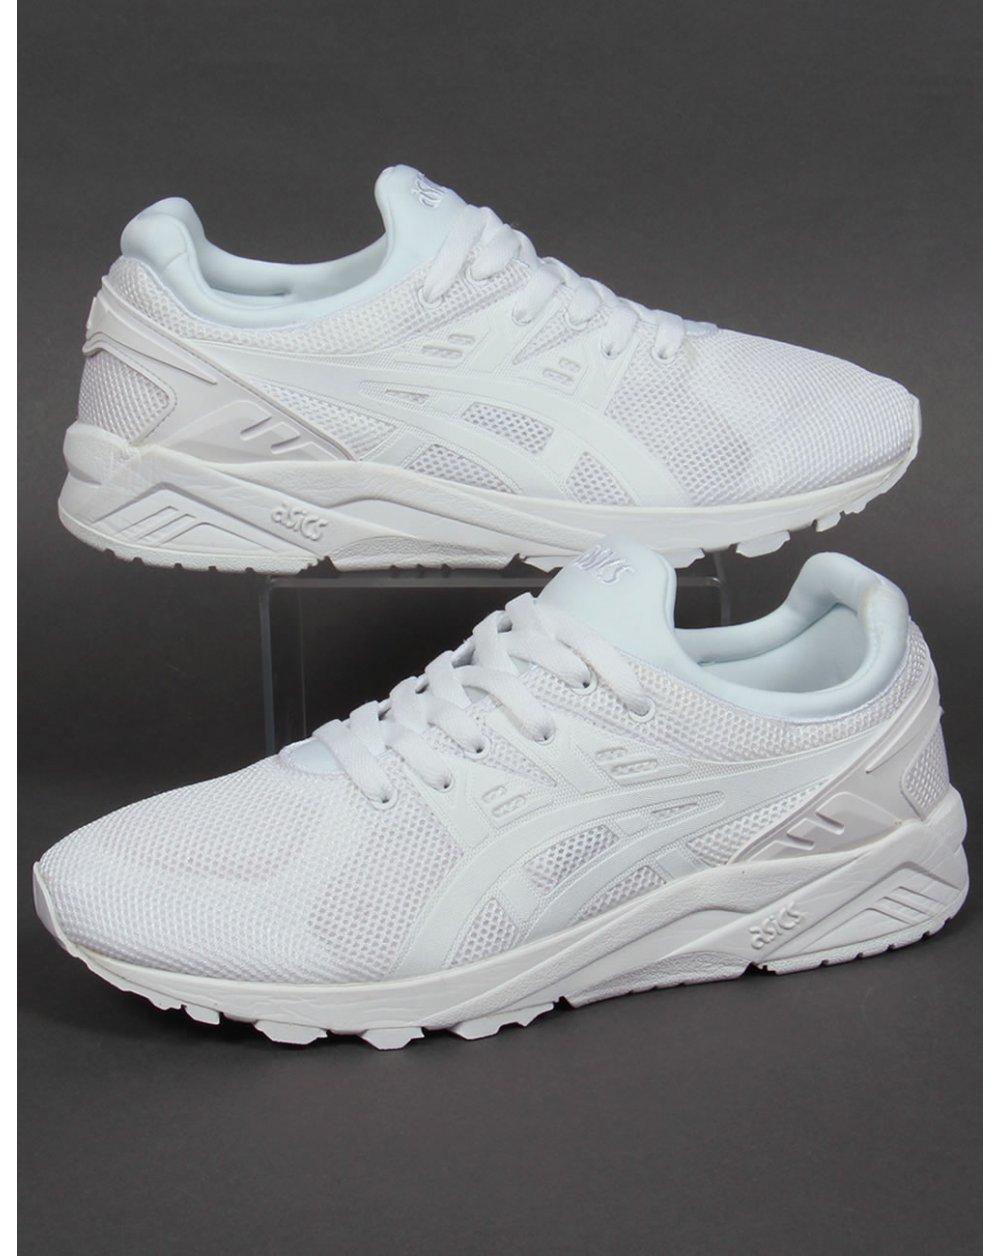 asics kayano white evo